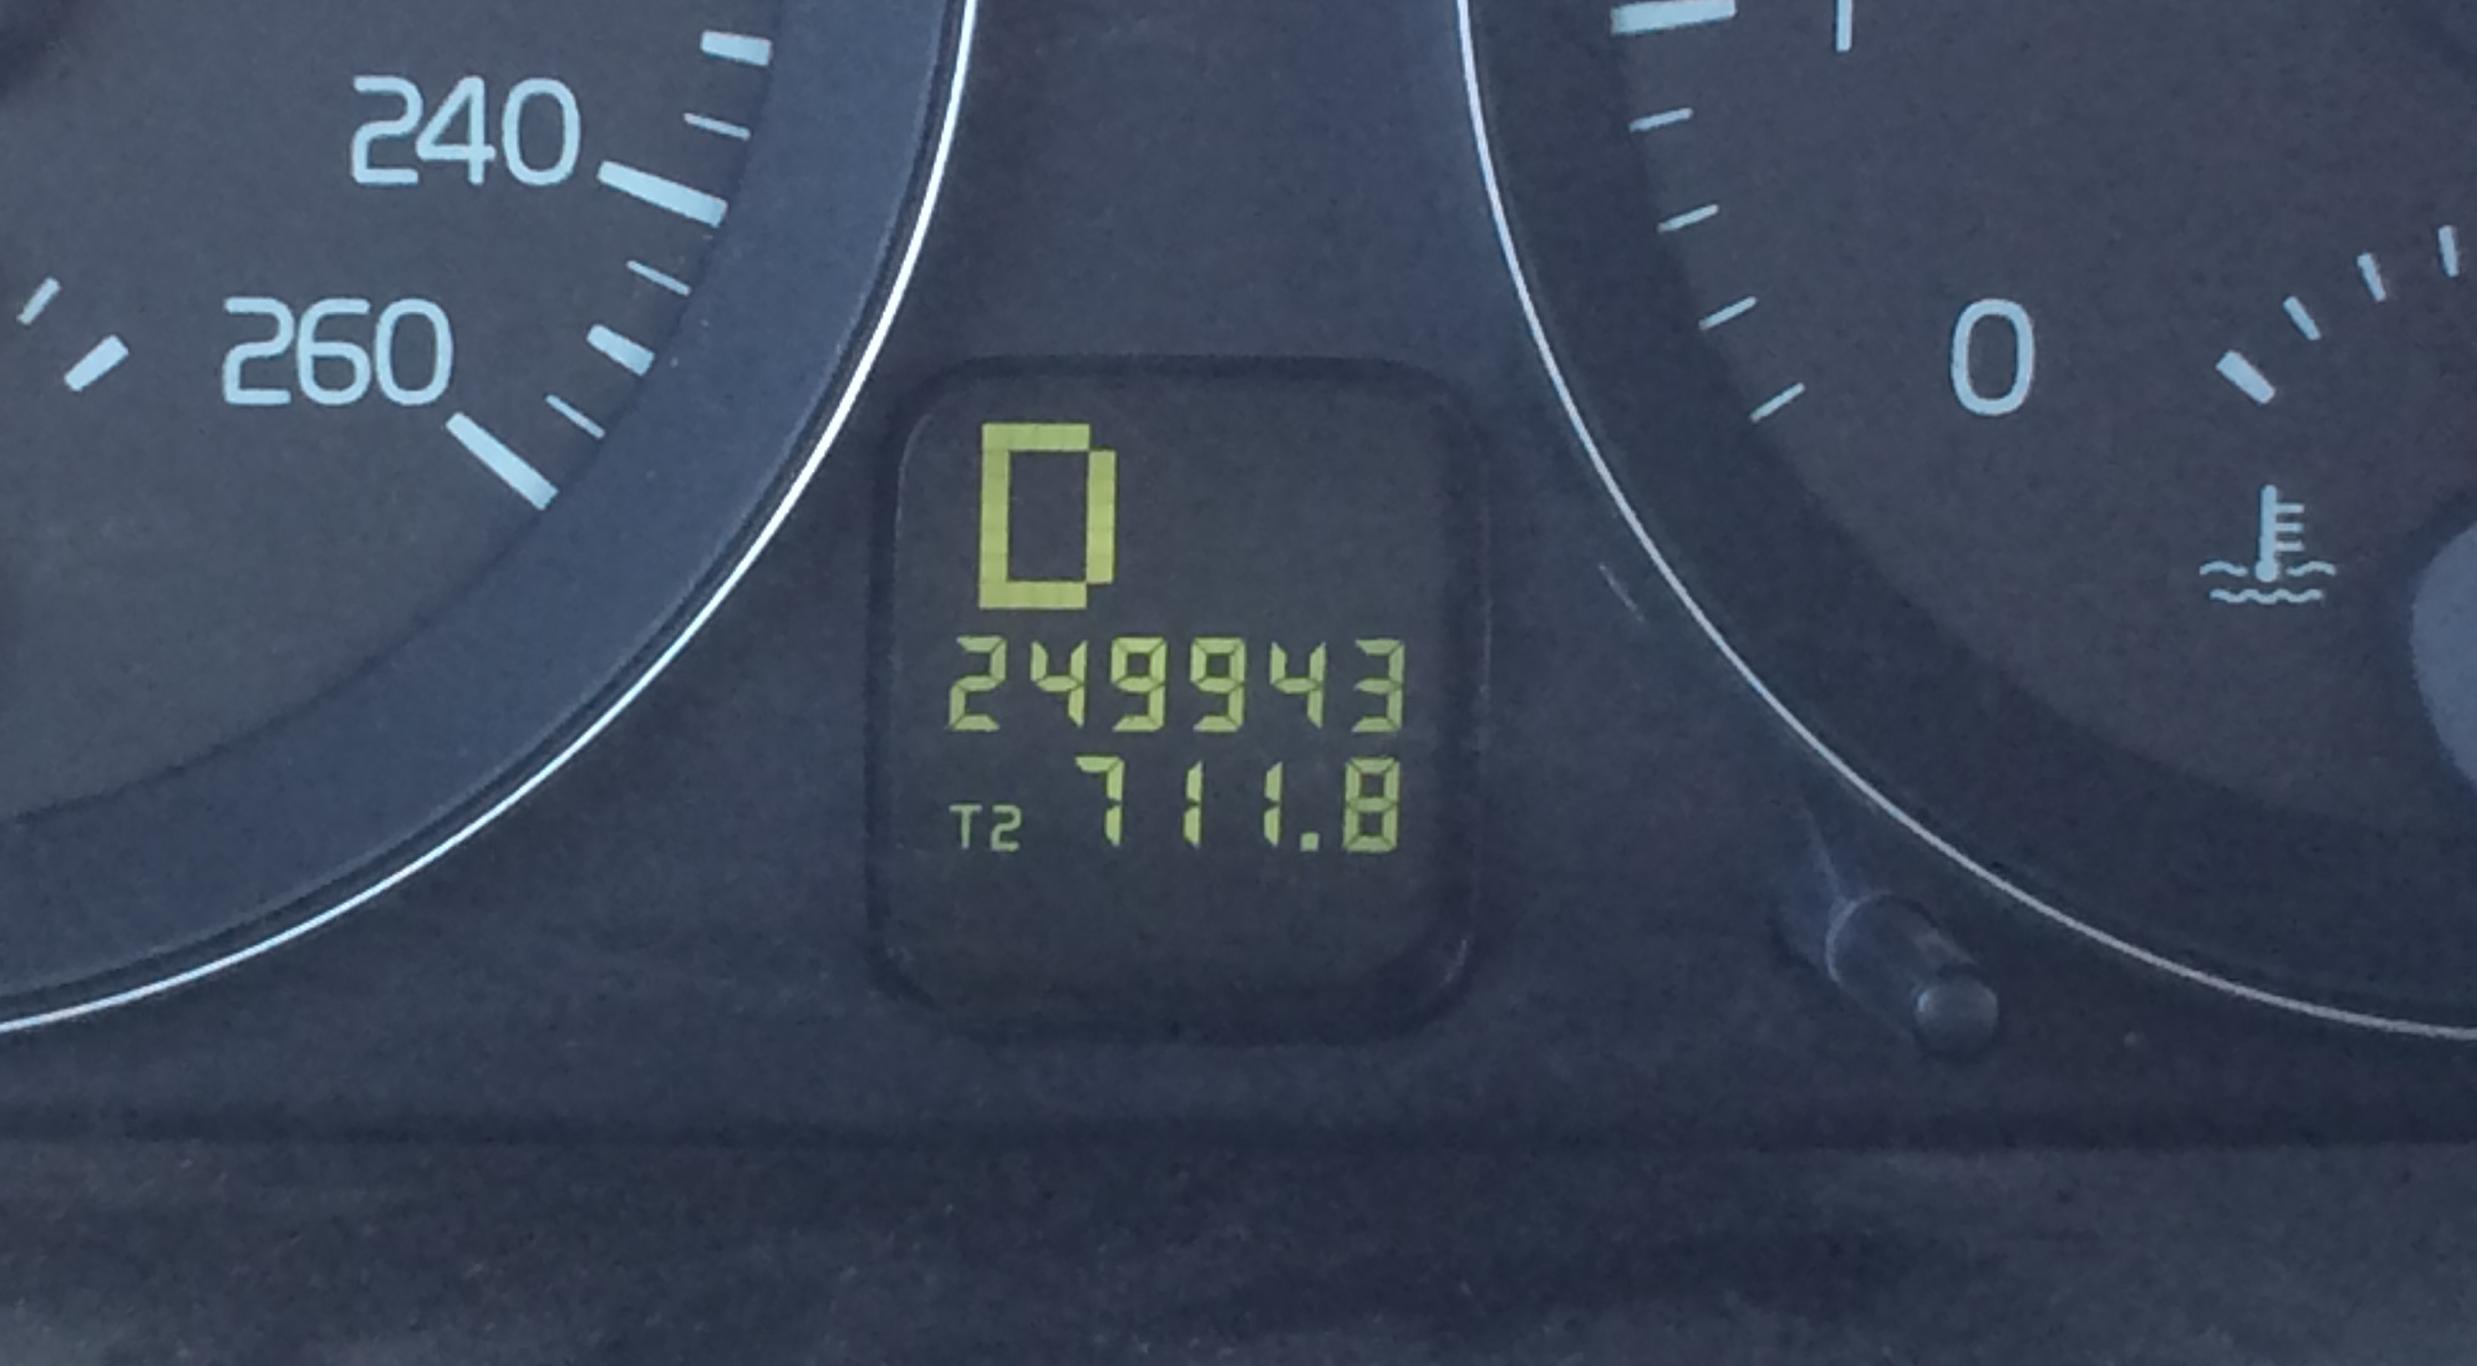 Volvo odometer-1482.JPG